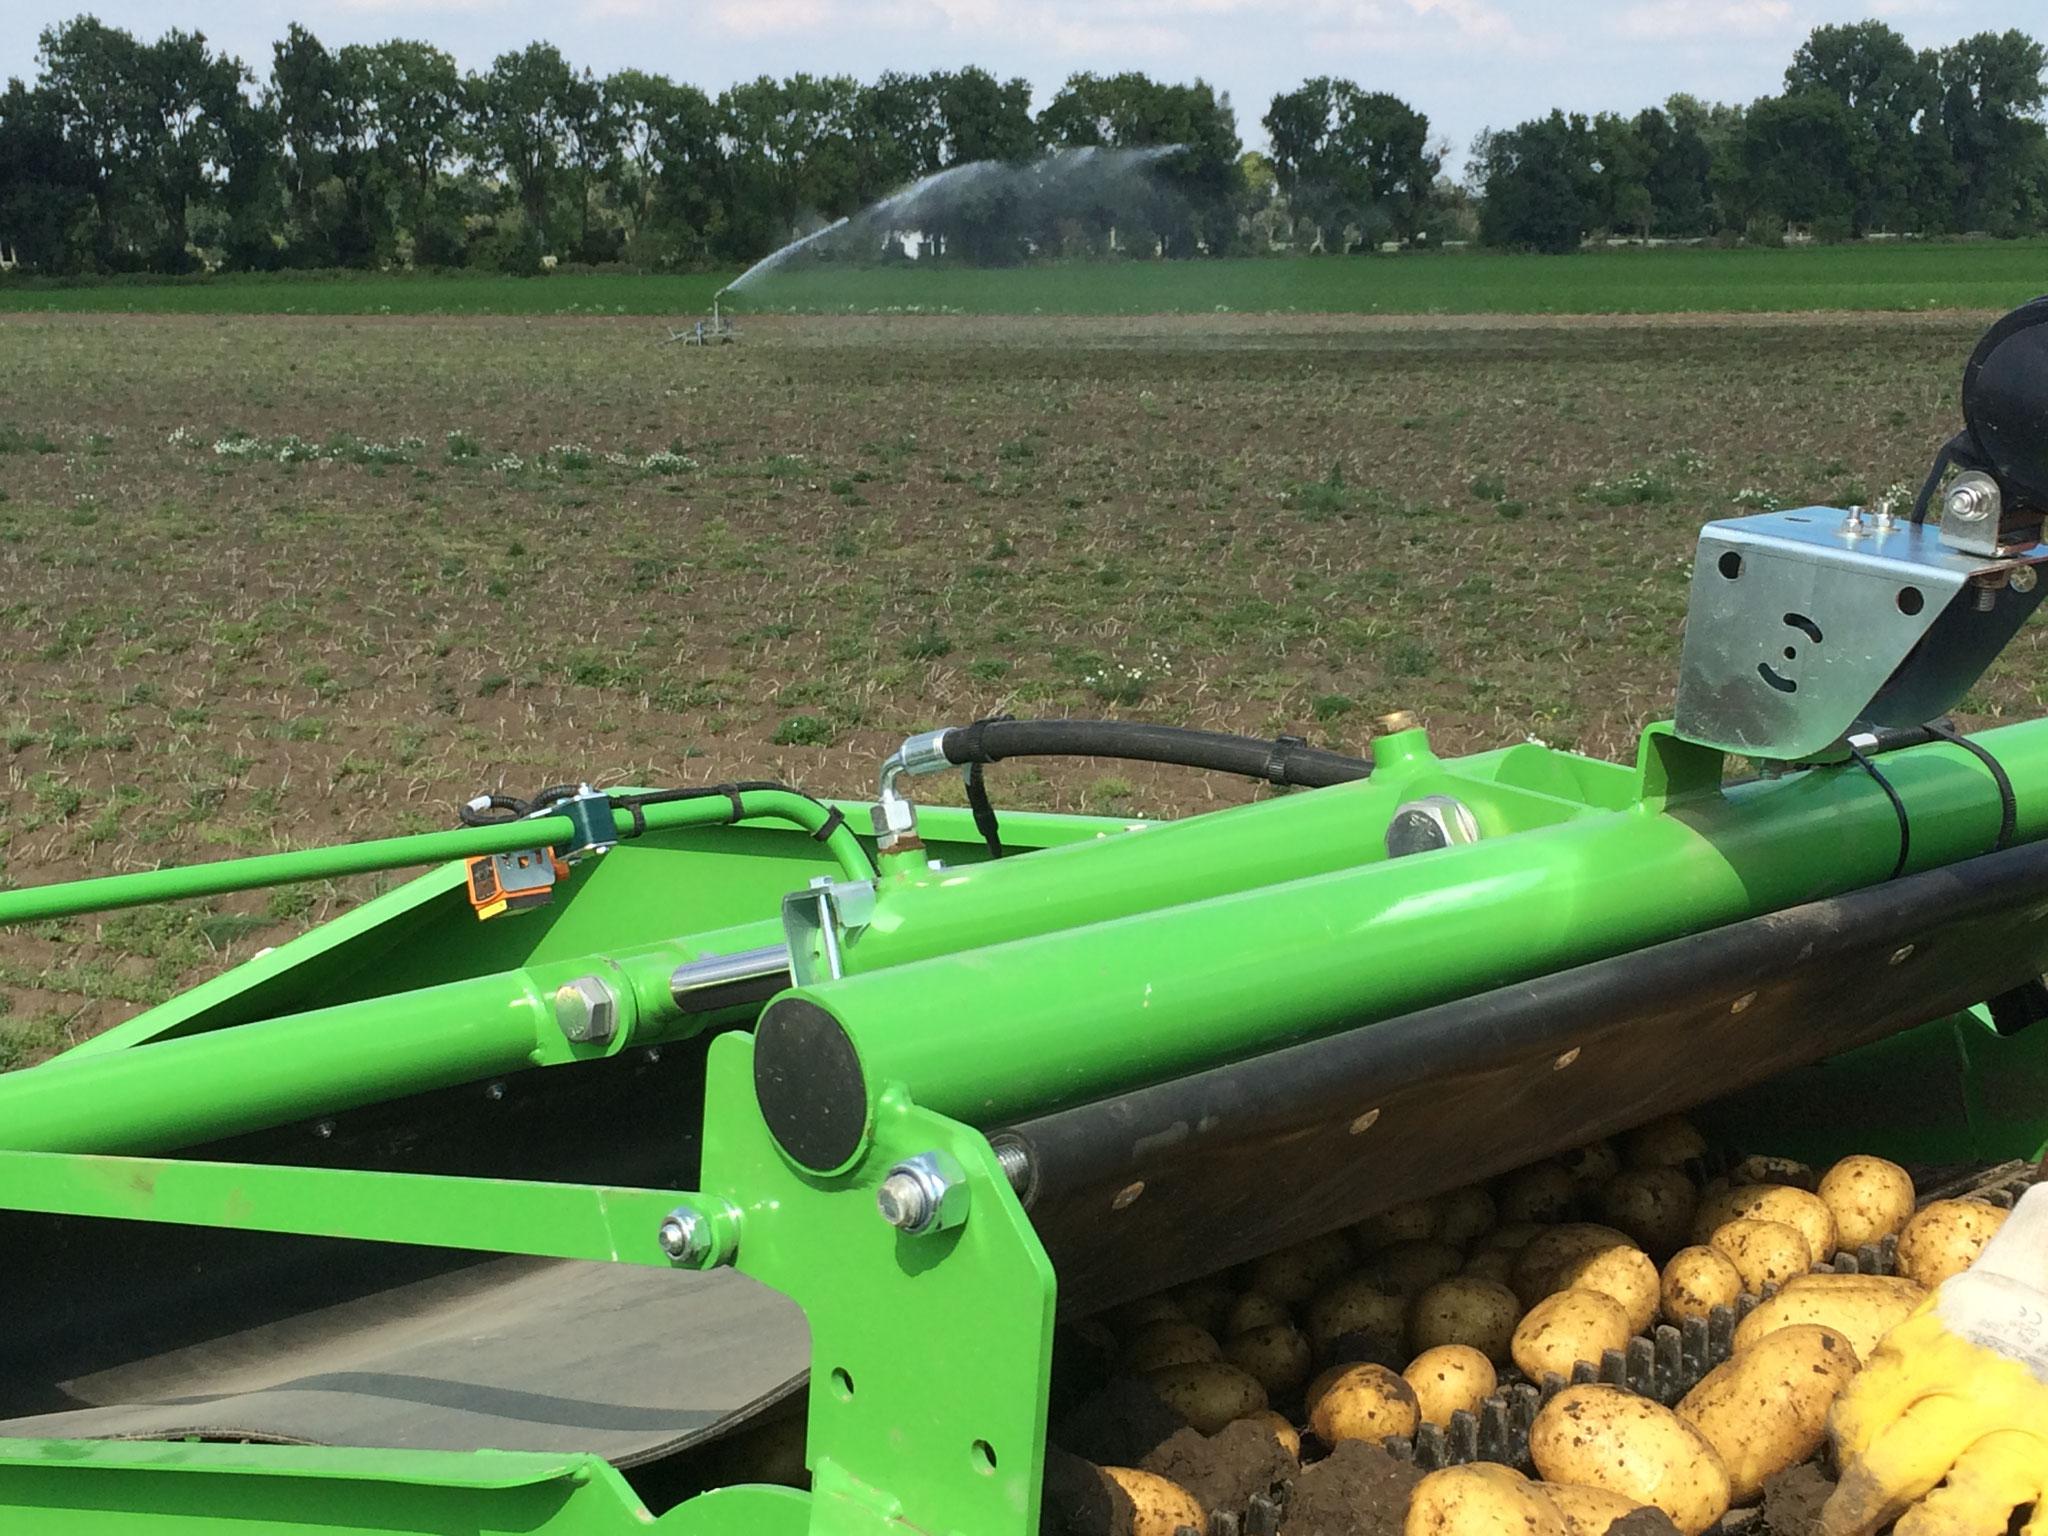 2016 mussten die Kartoffeln nach einer langen Trockenperiode vor der Ernte beregnet werden um Schäden an den Kartoffeln zu vermeiden.